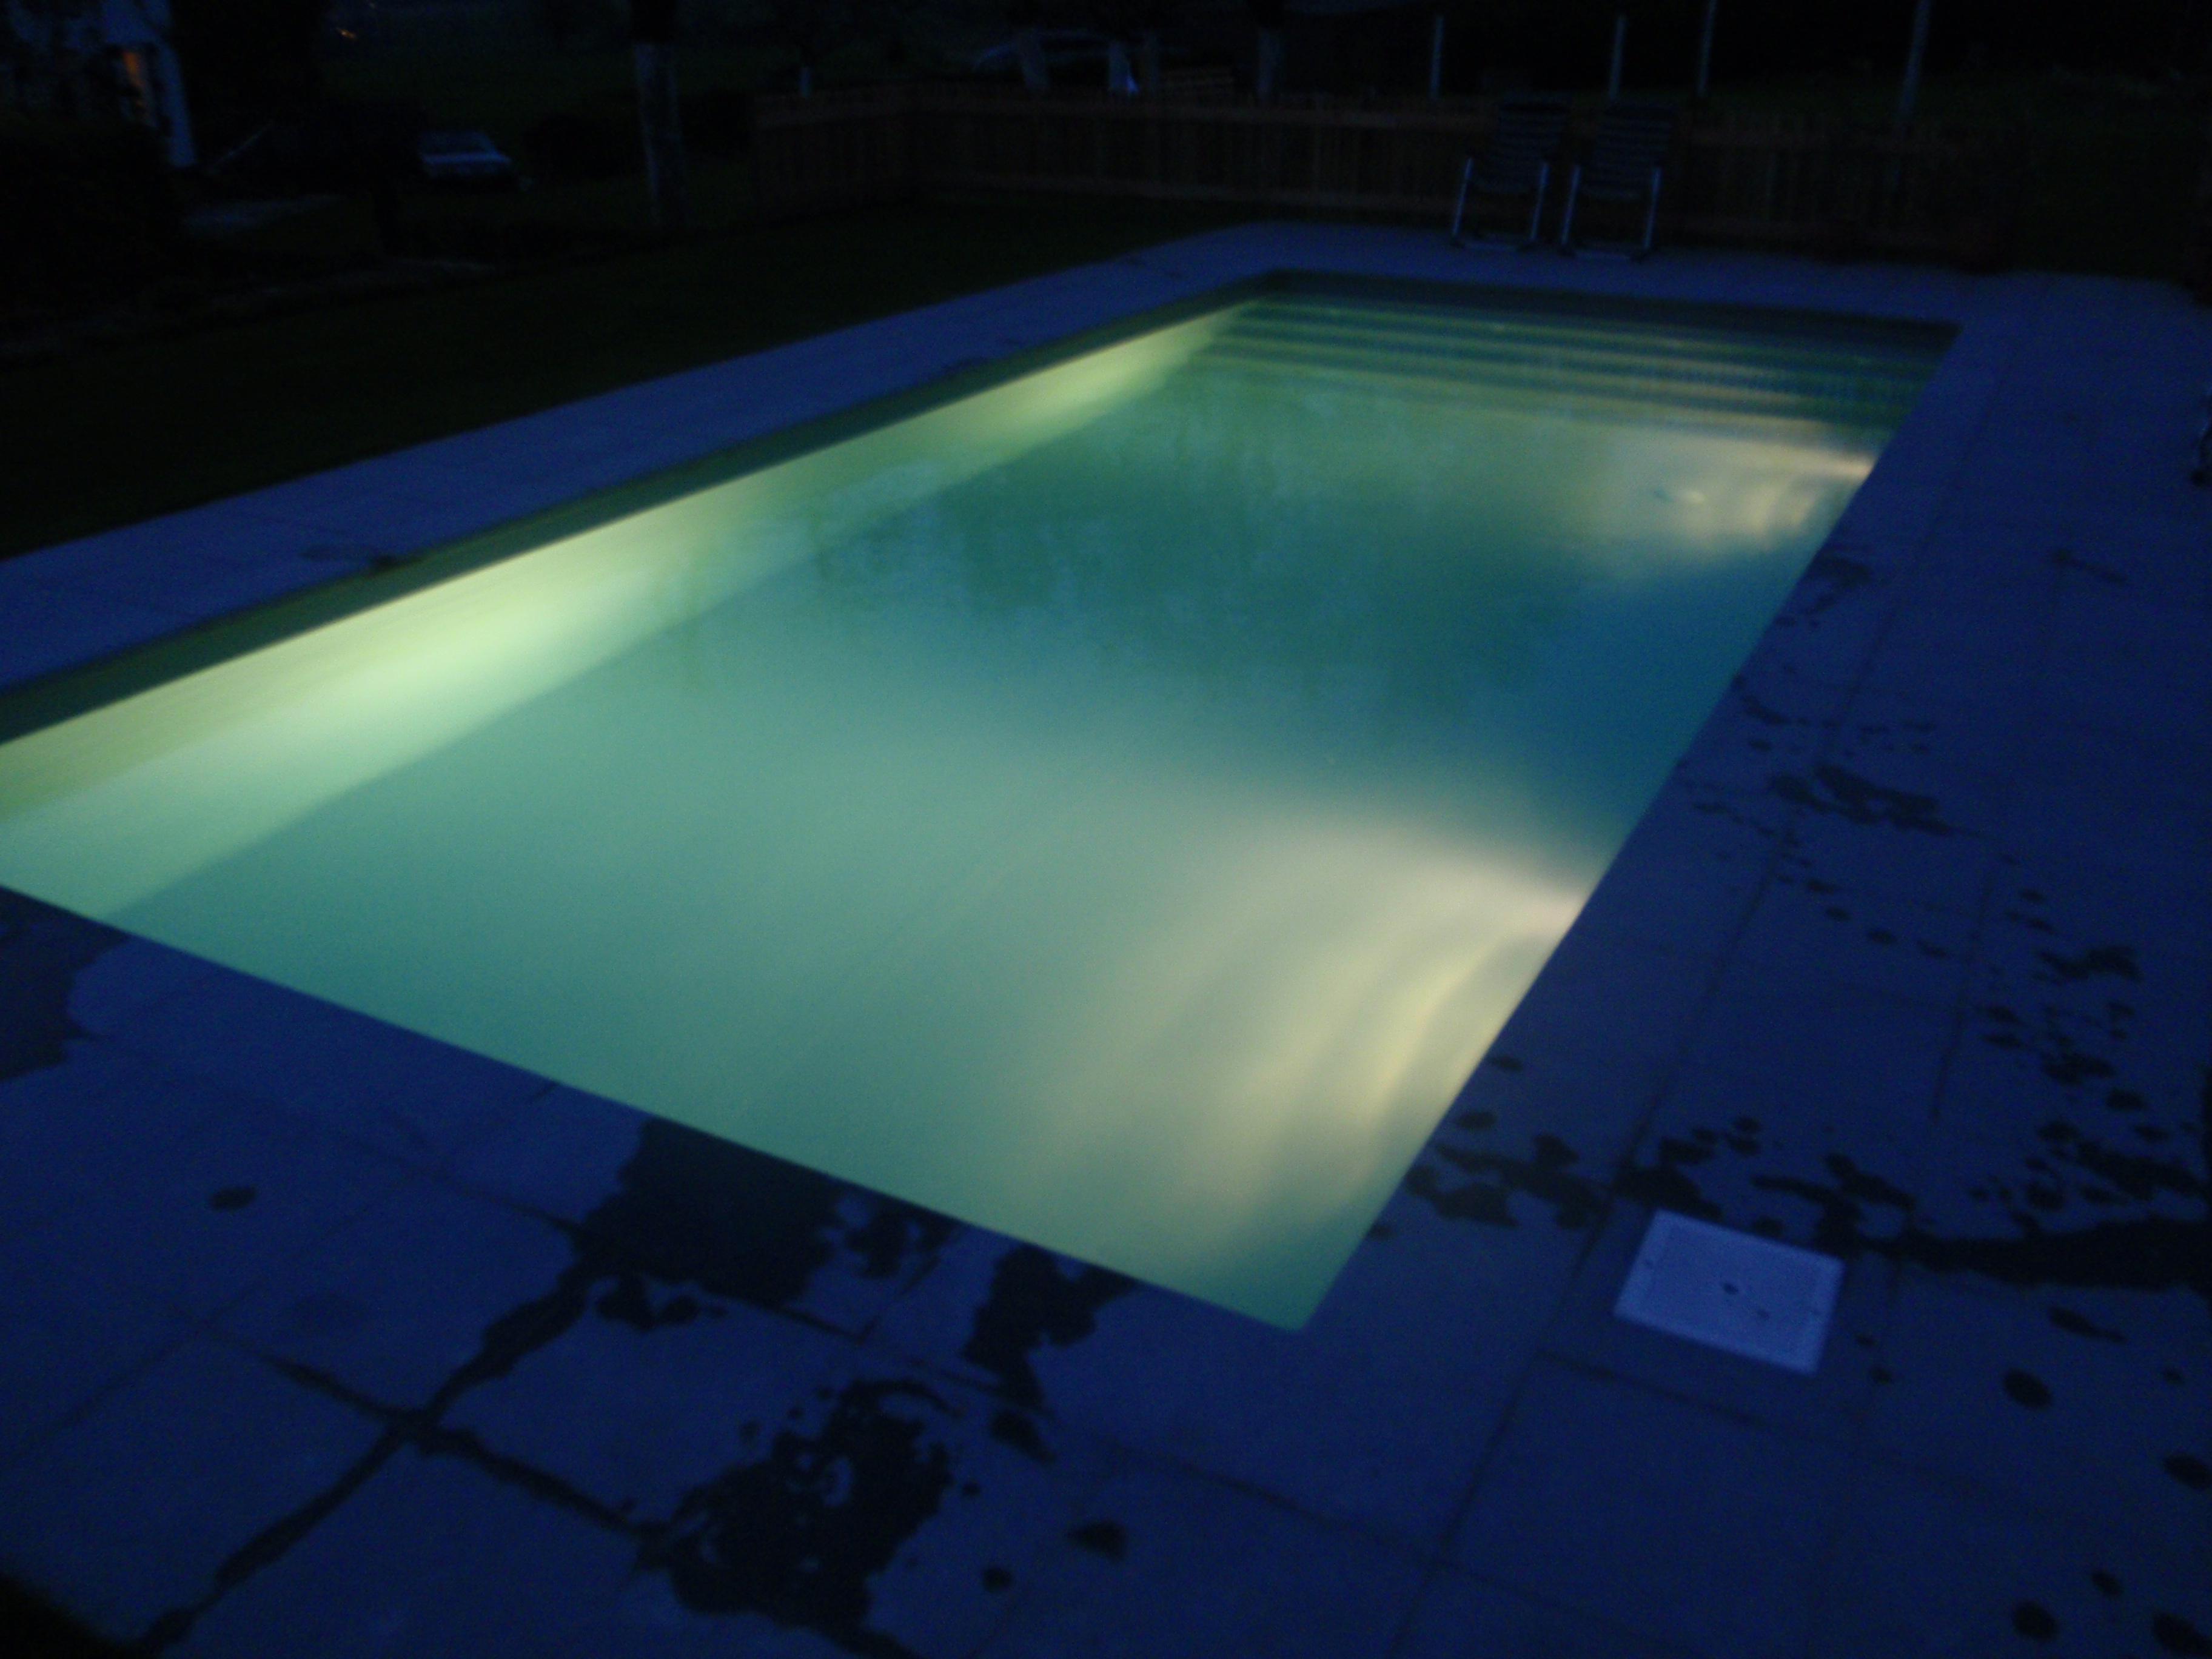 Foliebad grijs bij avond